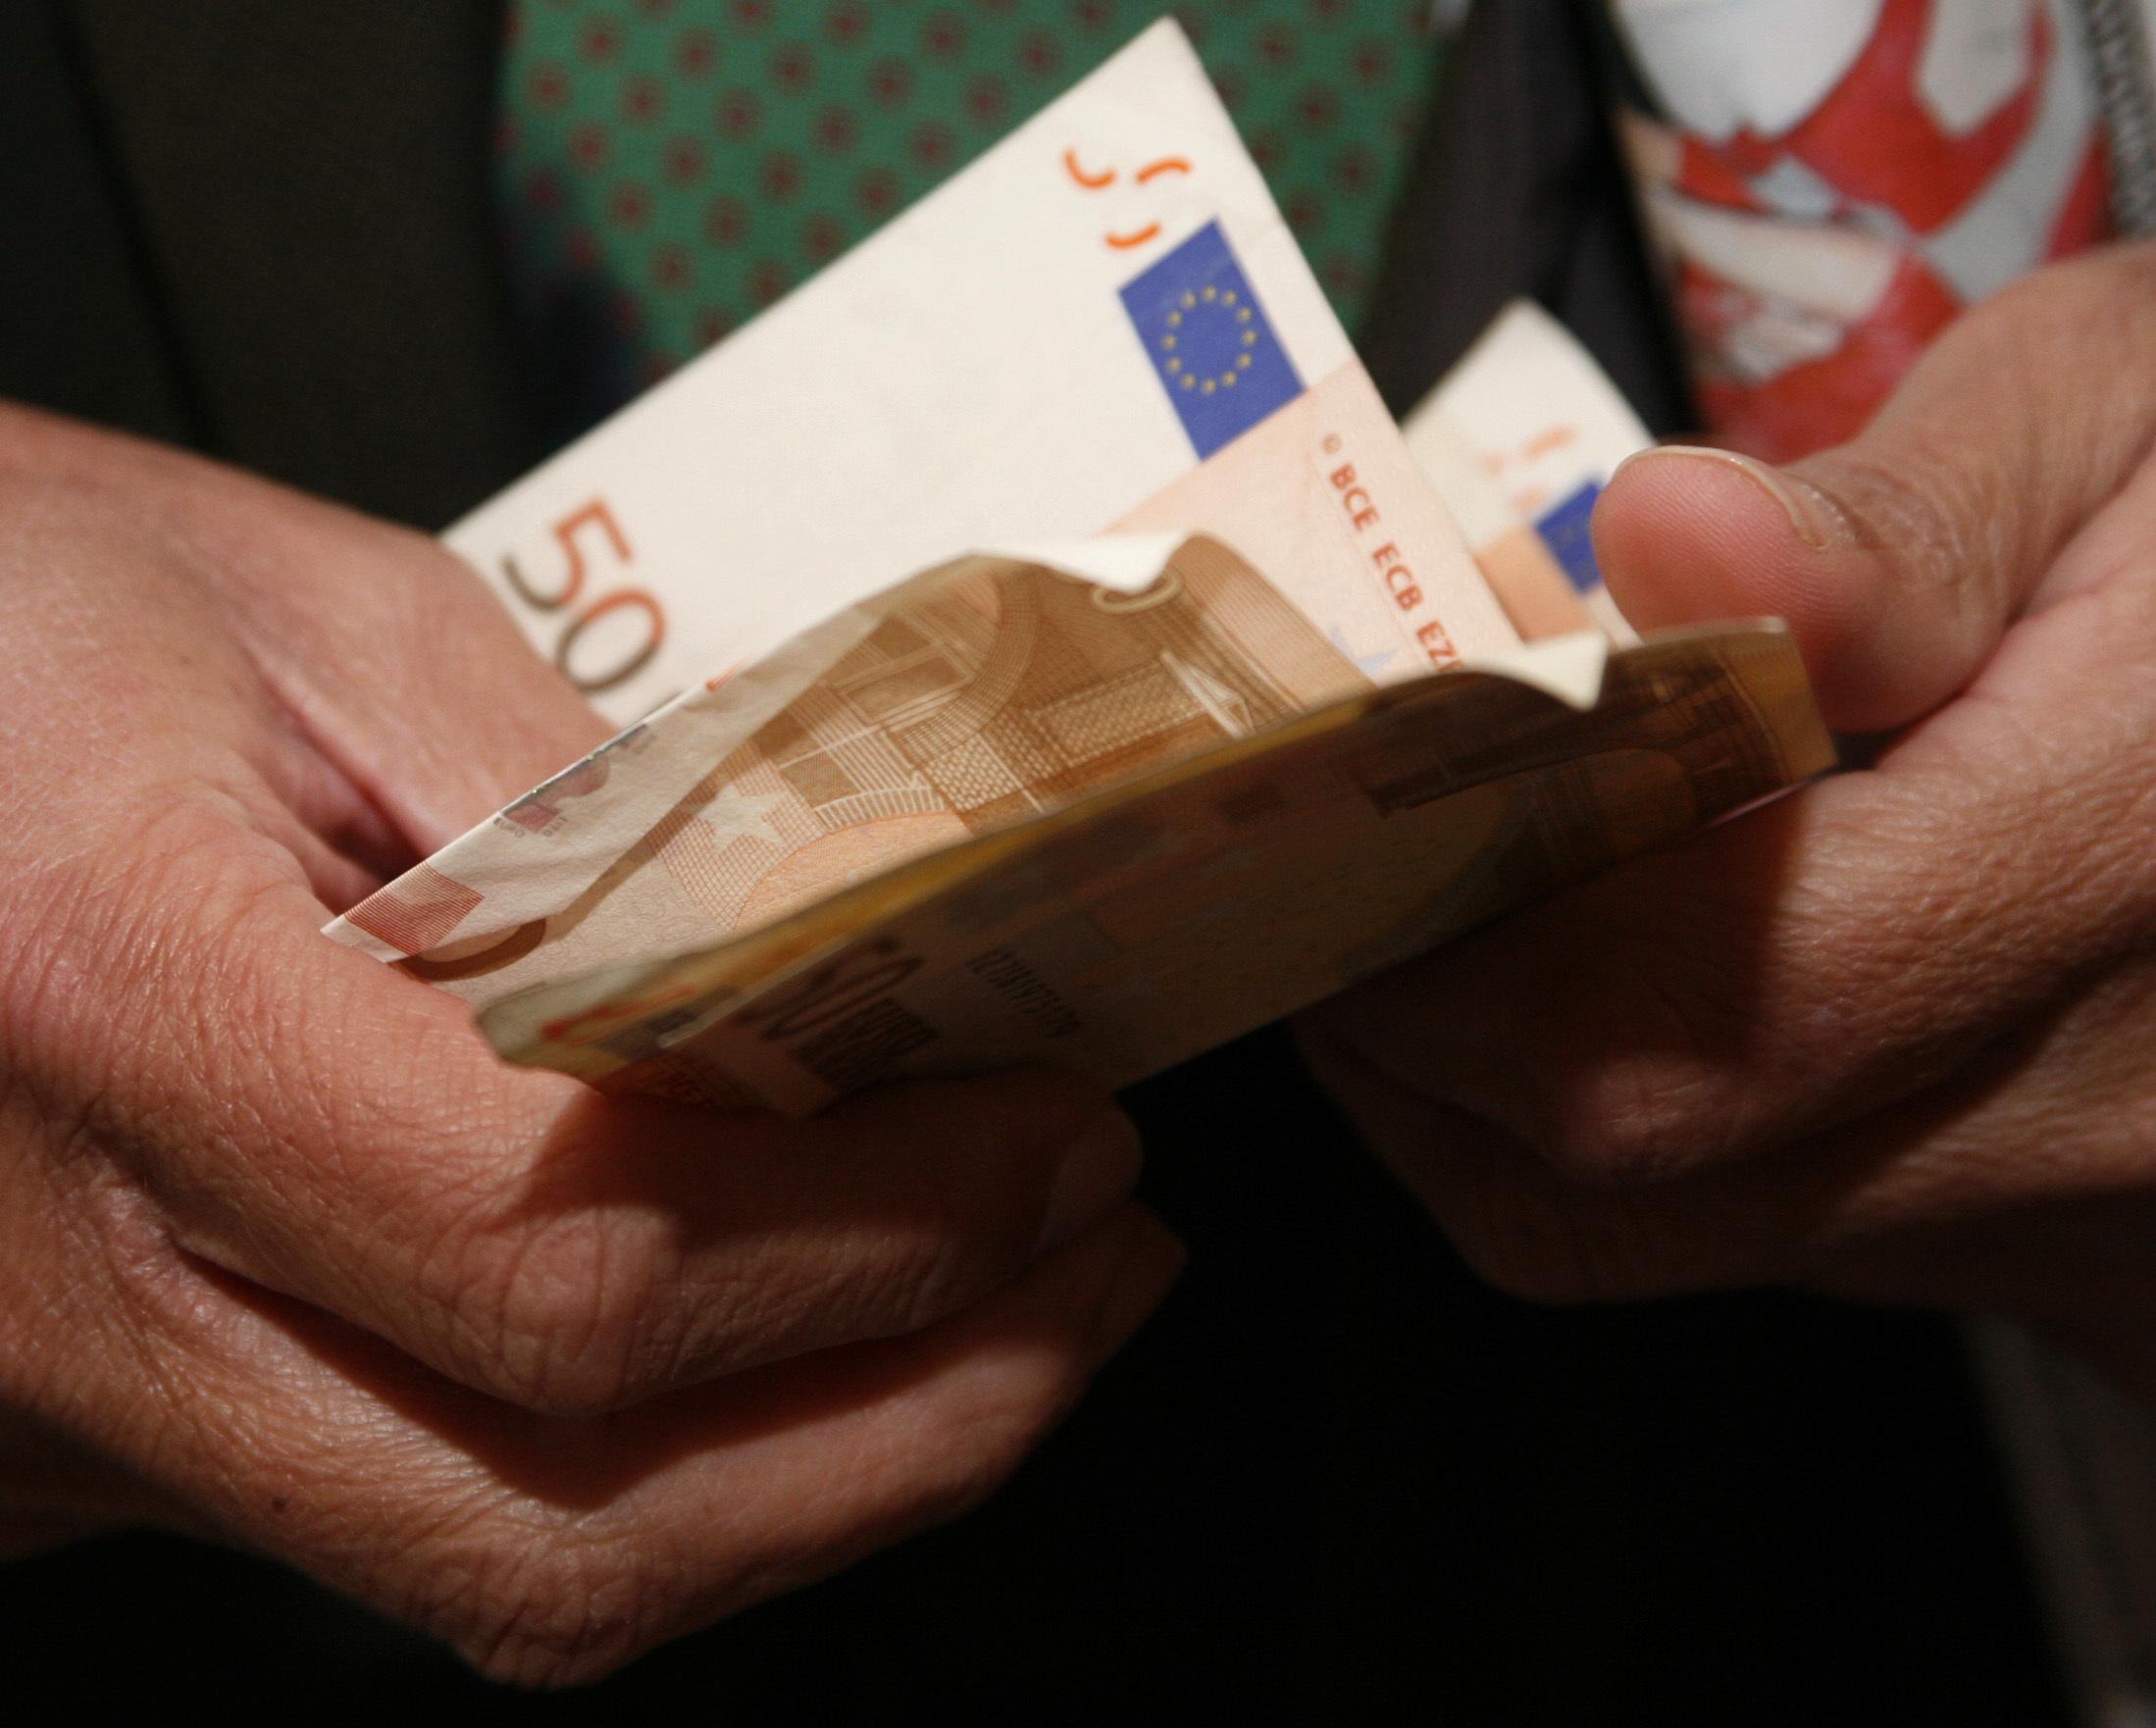 Επτά άτομα πρέπει να ζήσουν με 500€ - ΦΩΤΟ EUROKINISSI